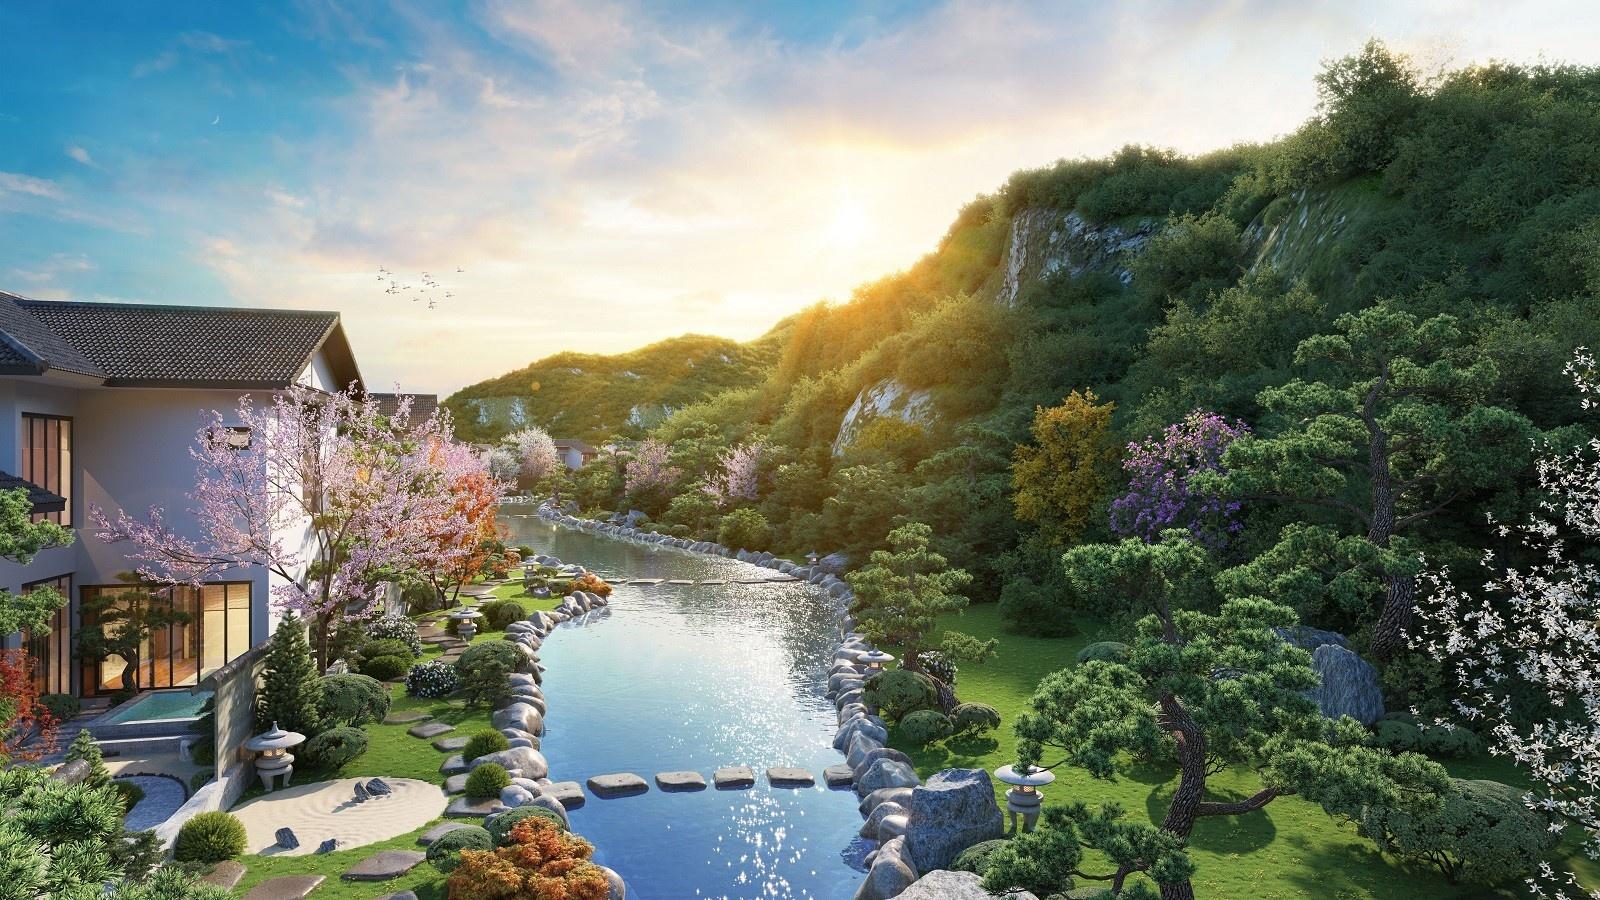 Suối khoáng nóng Quang Hanh - tâm điểm nghỉ dưỡng phía Bắc của giới thượng lưu 7